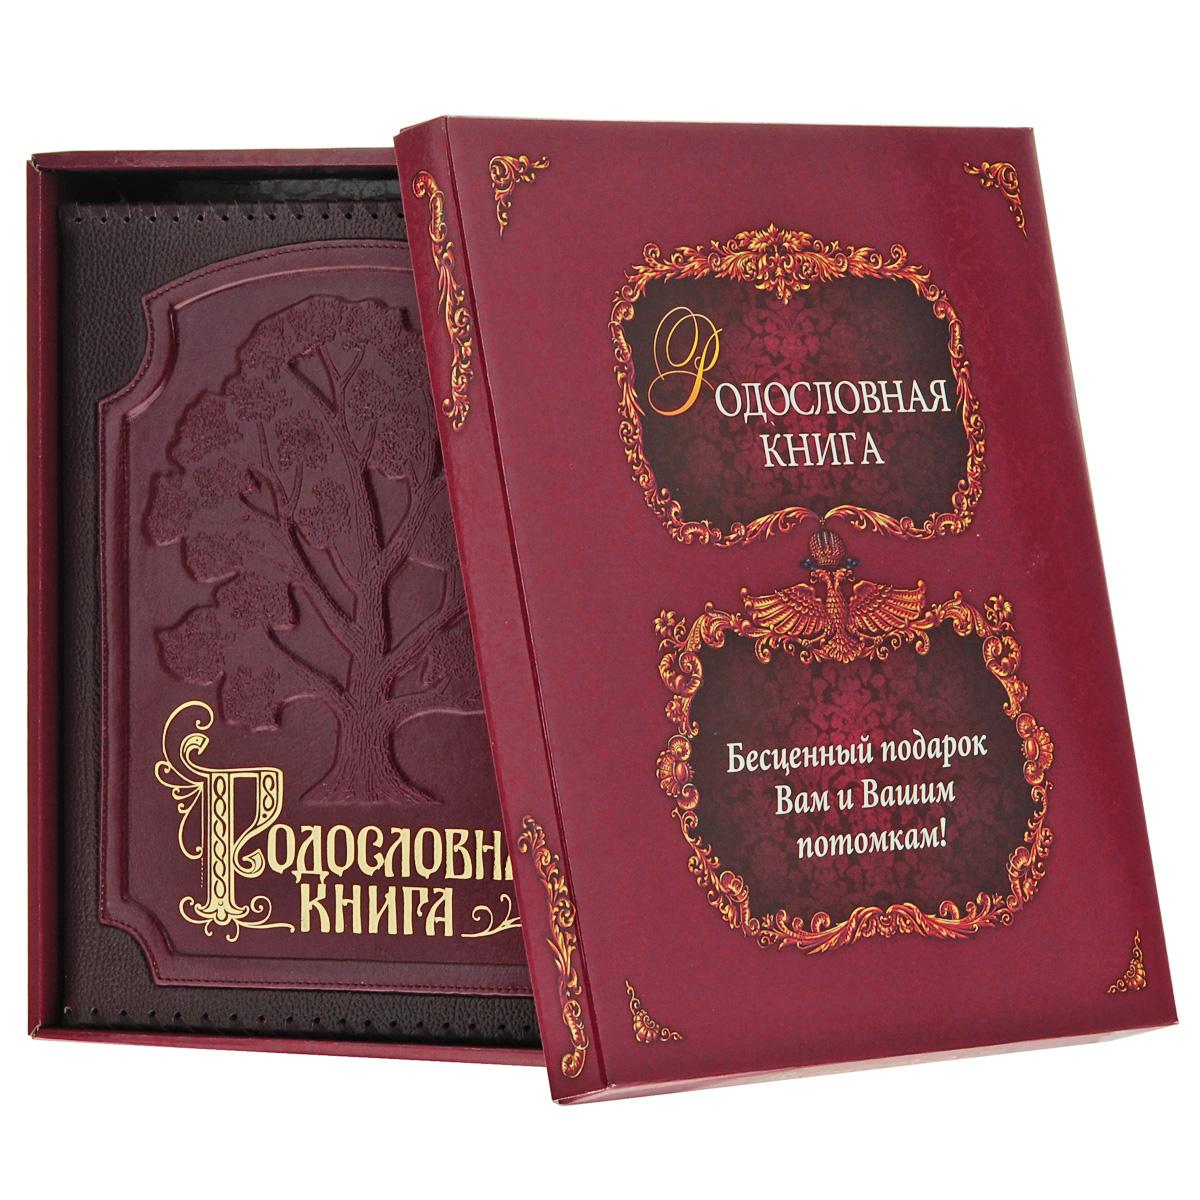 Родословная книга Изысканная, цвет: бордо. 40201006 книга родословная купить в екатеринбурге